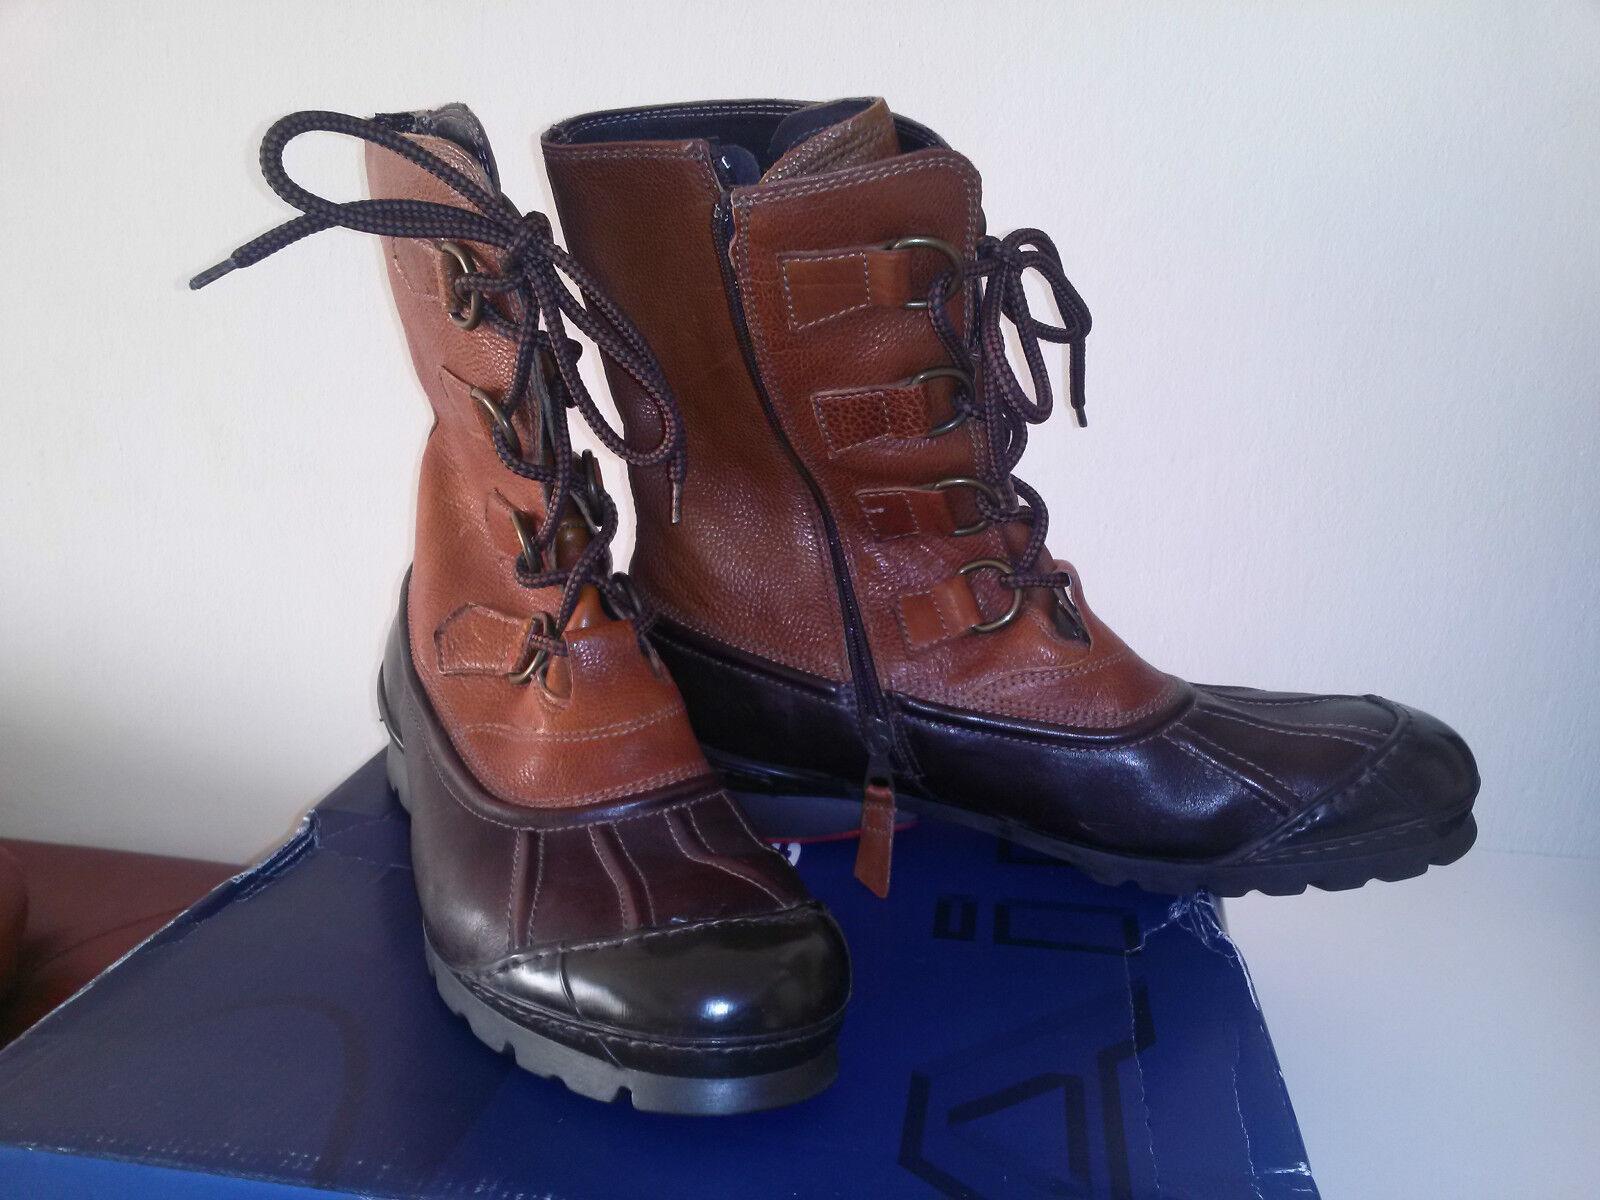 Billig gute Qualität Airstep Herren Stiefel/Stiefel/Schuhe Gr.45 Neu